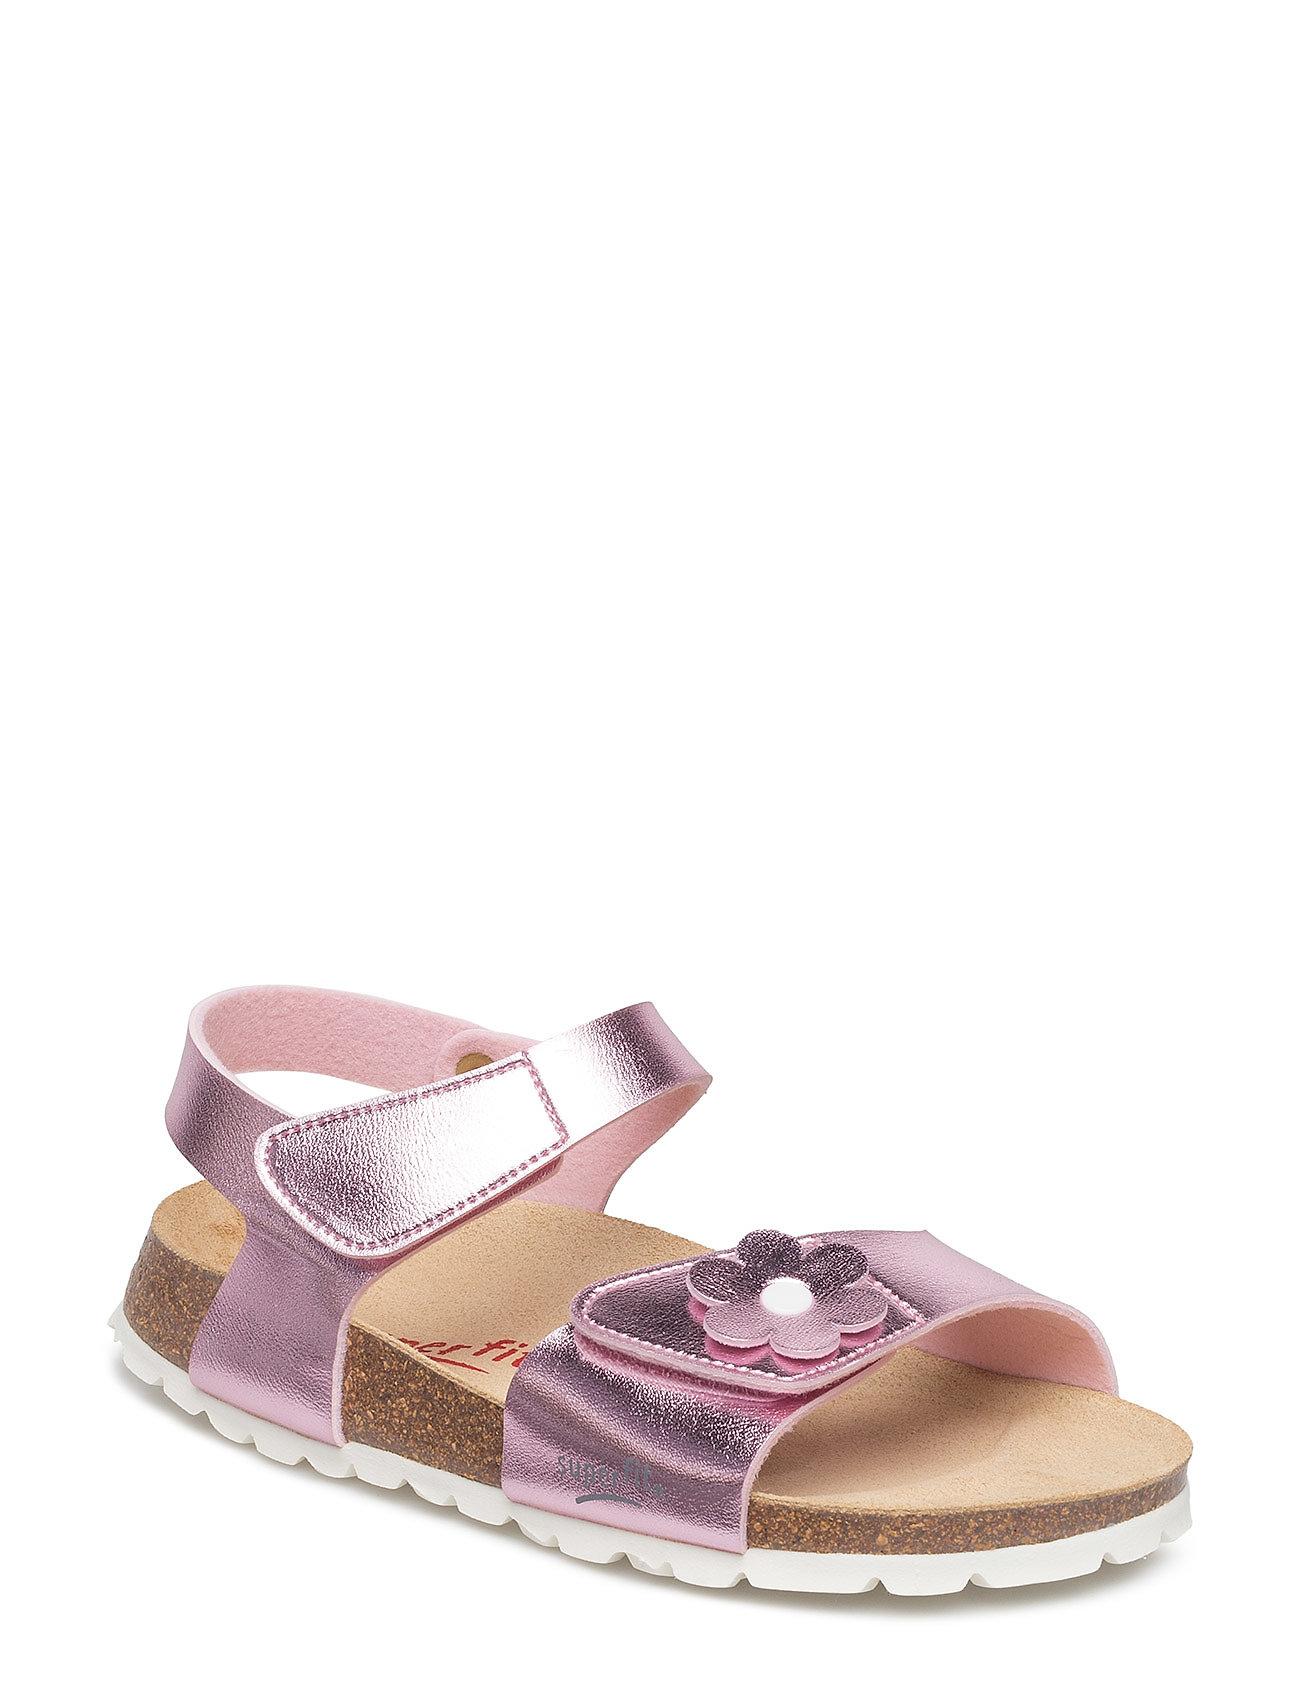 c448281eec9 Hvid Superfit Fussbettpantoffel sandaler for børn - Pashion.dk